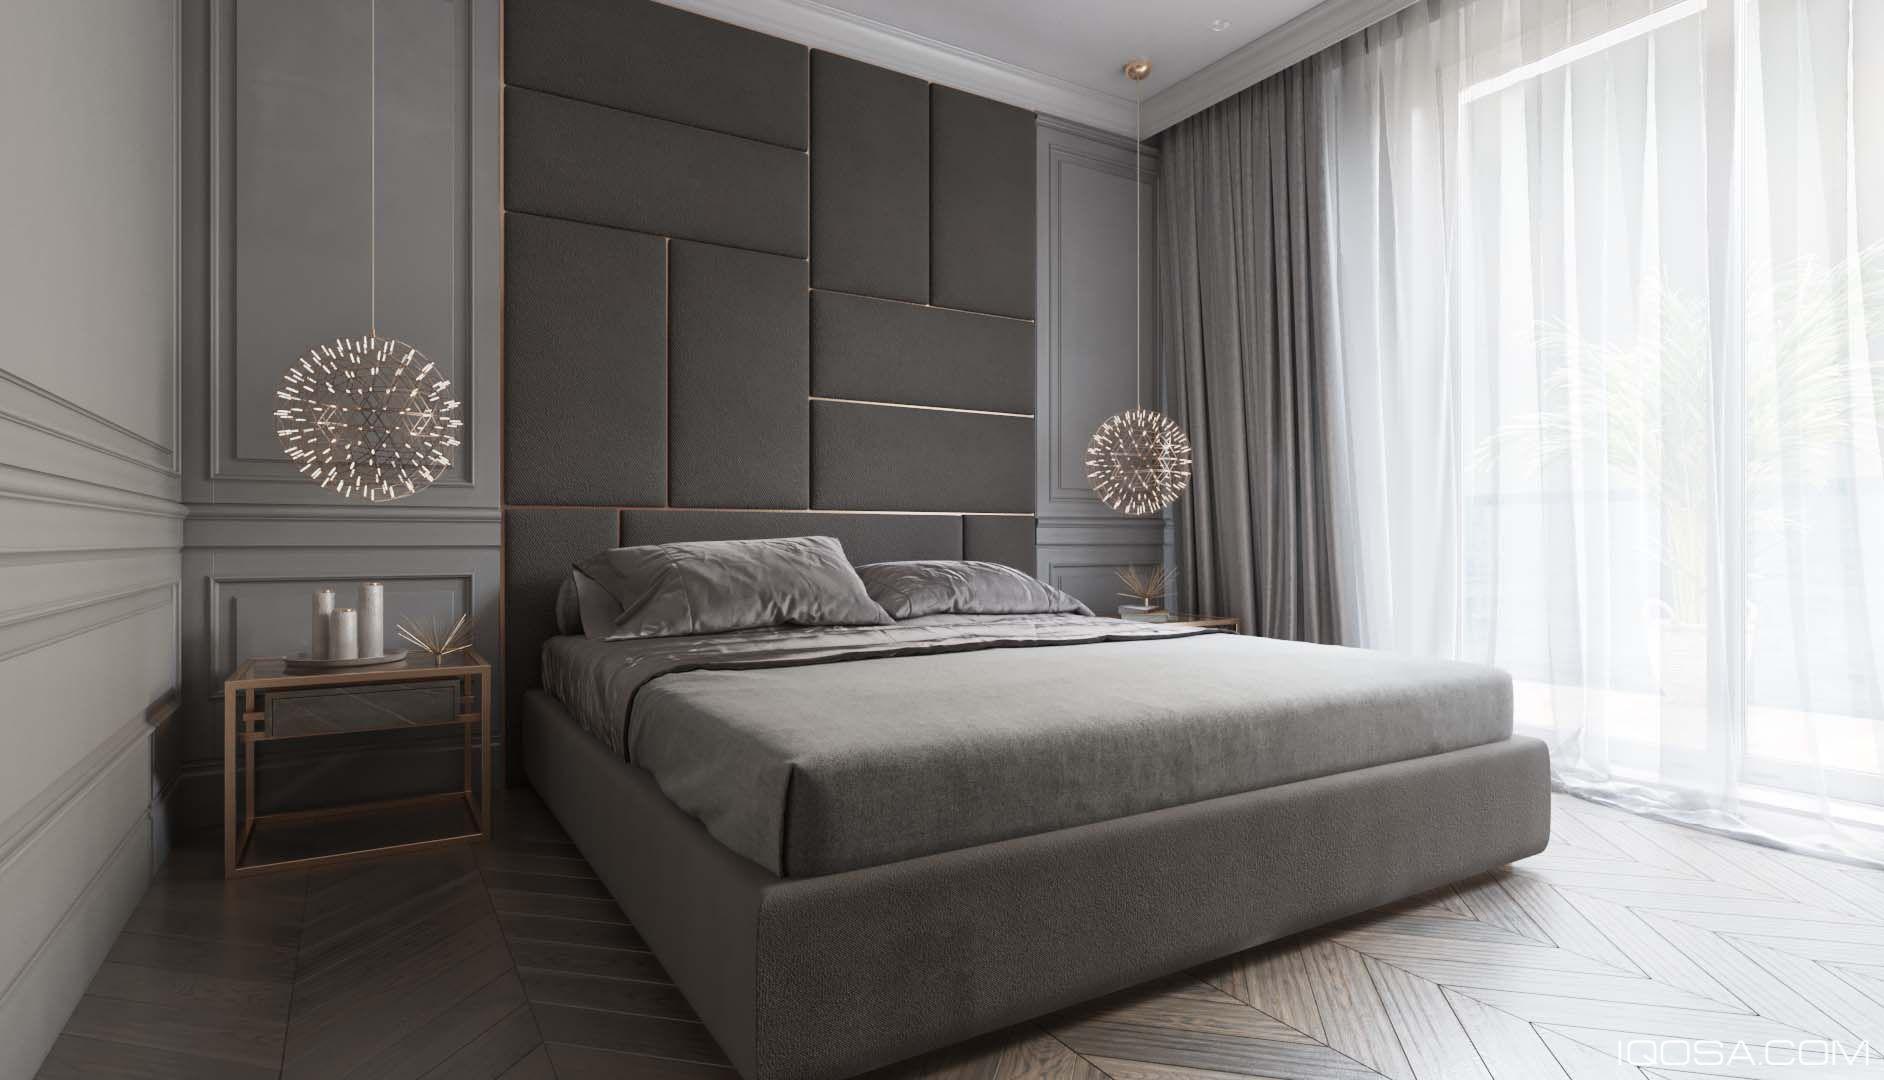 Modern classic interieurideeén slaapkamer